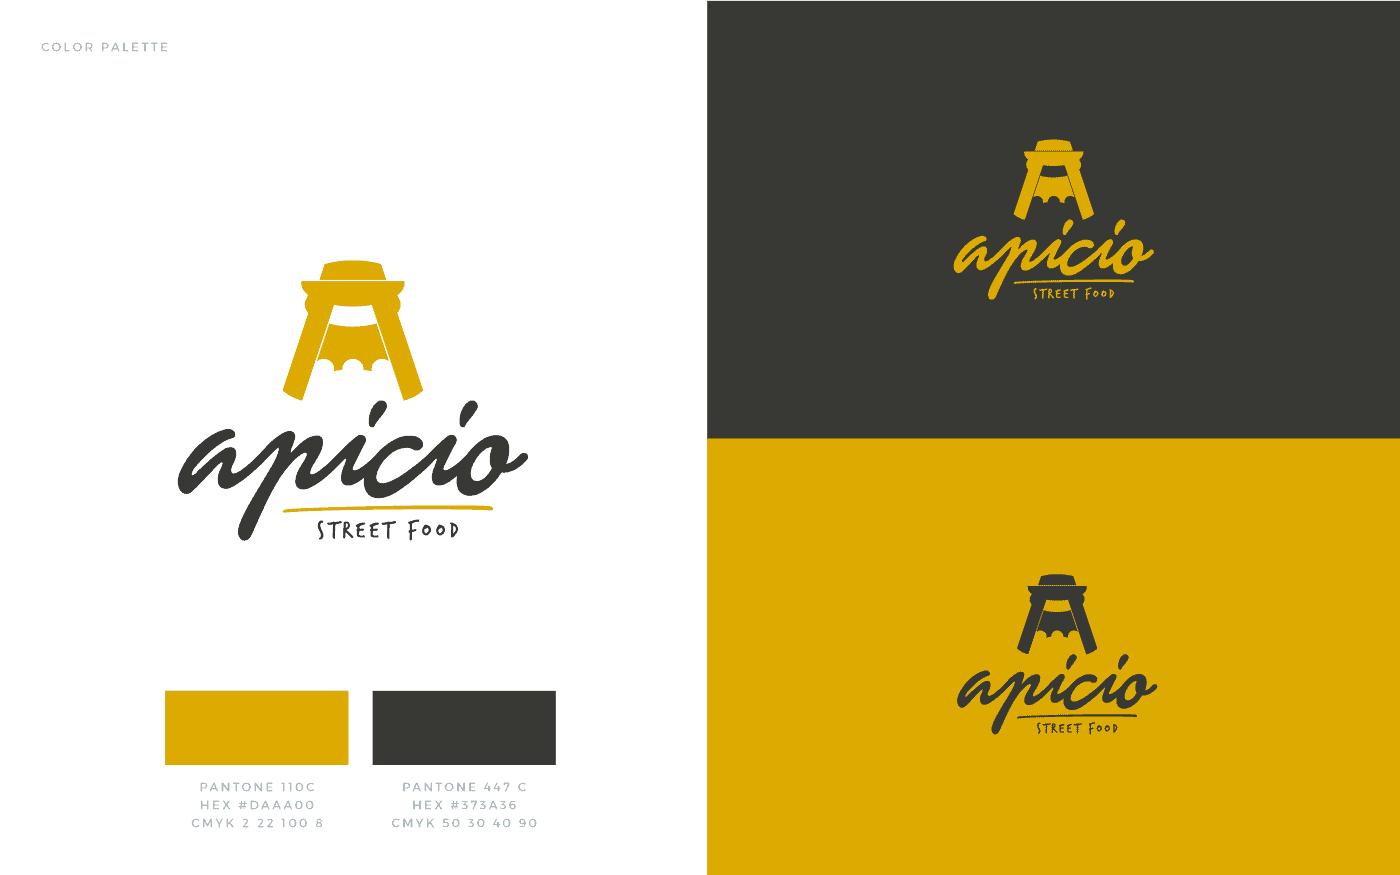 Apicio Logo Palette Colore